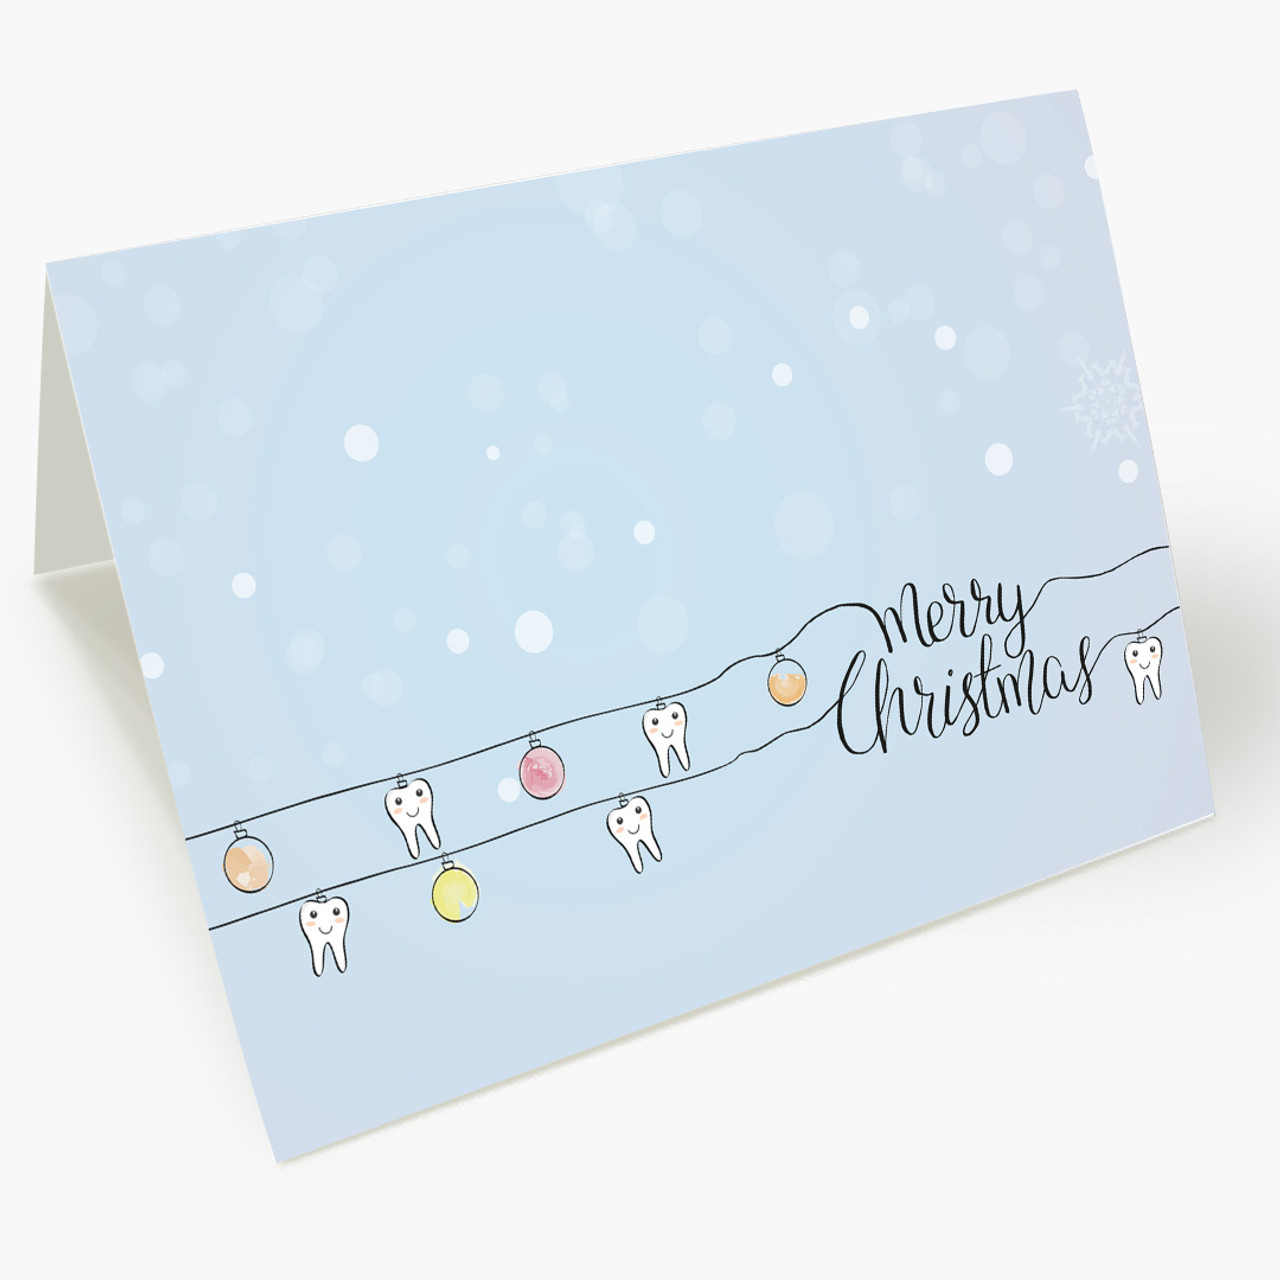 Toothy Christmas Christmas Card